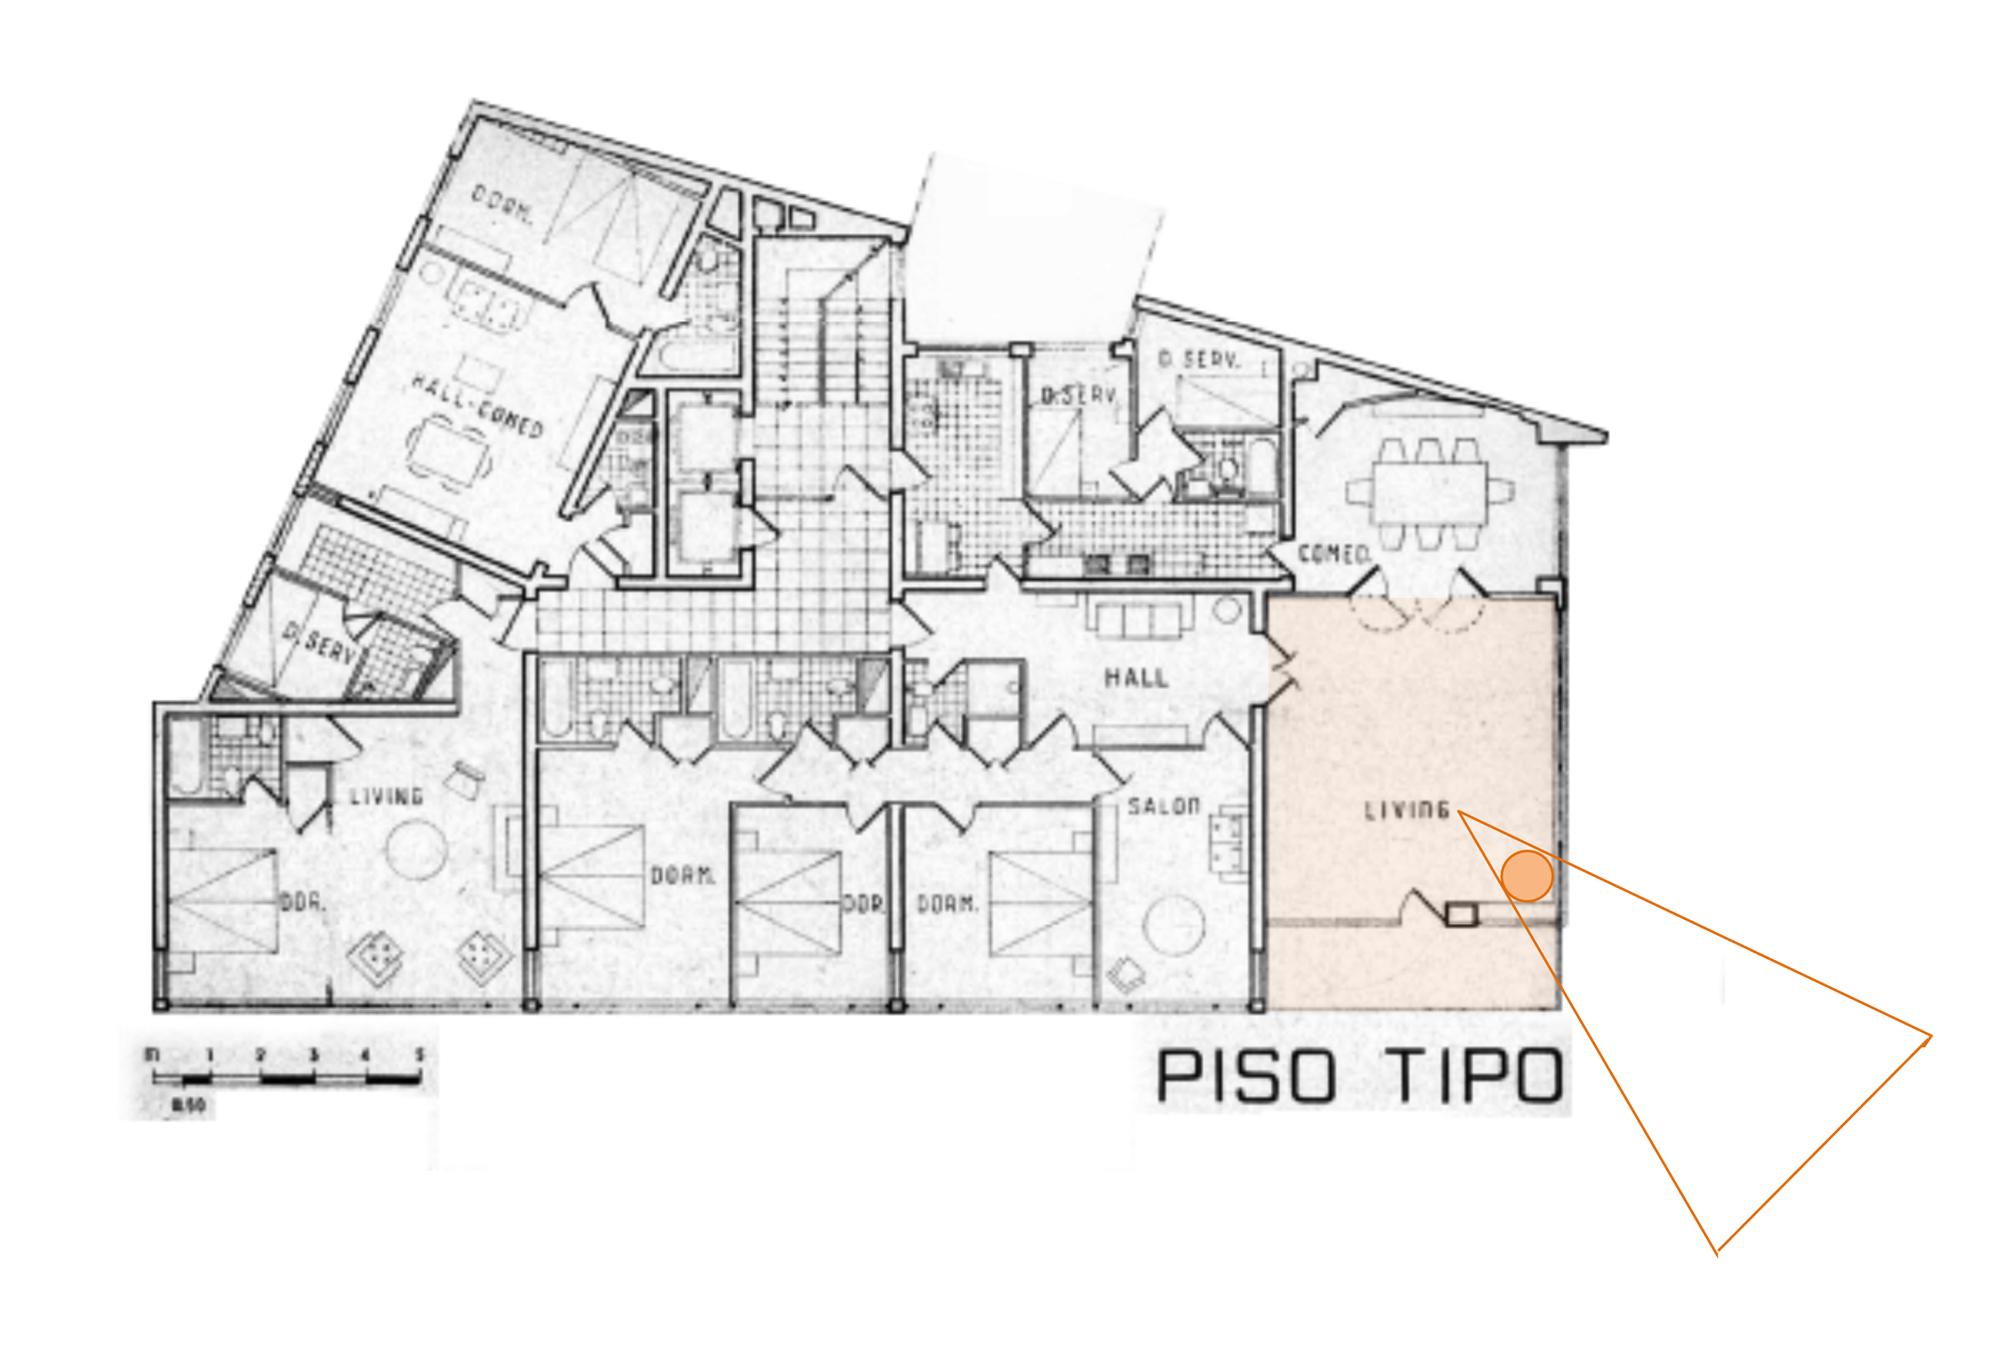 Infografía sobre planta tipo (intervenida por los autores). Arquitectura y Construcción Nº 2, p.66.